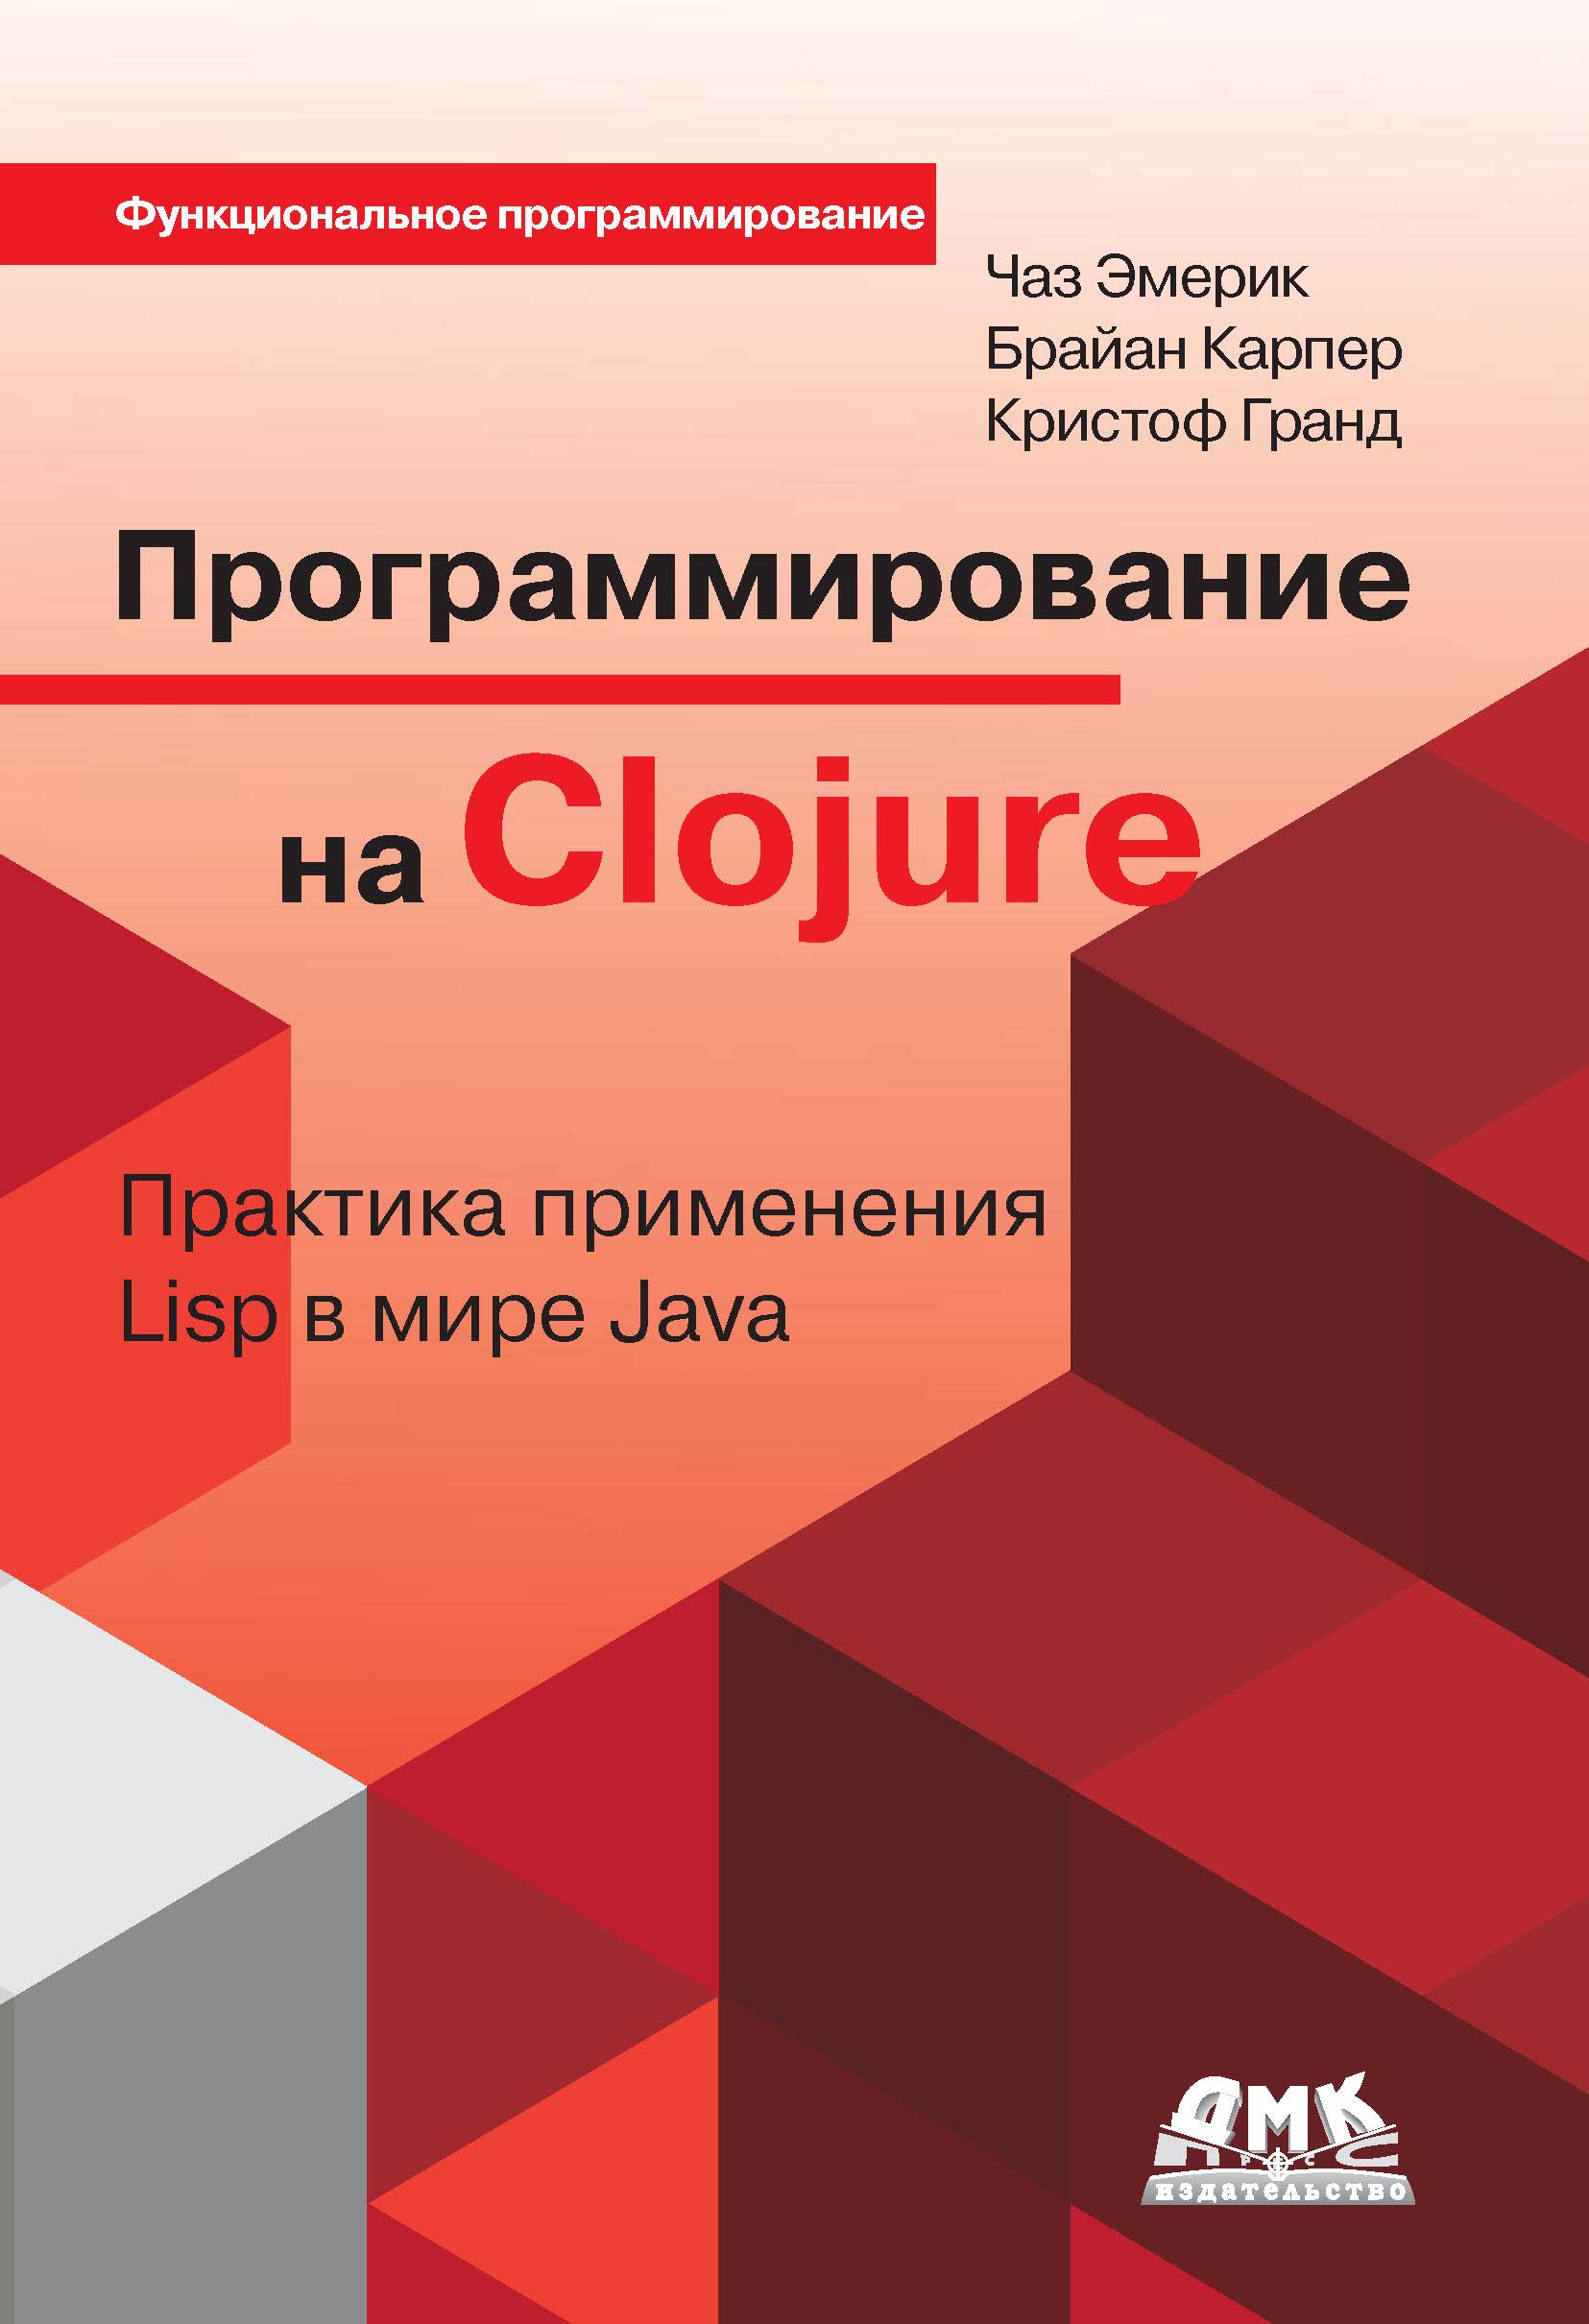 Кристоф Гранд Программирование на Clojure. Практика применения Lisp в мире Java вадим монахов язык программирования java и среда netbeans